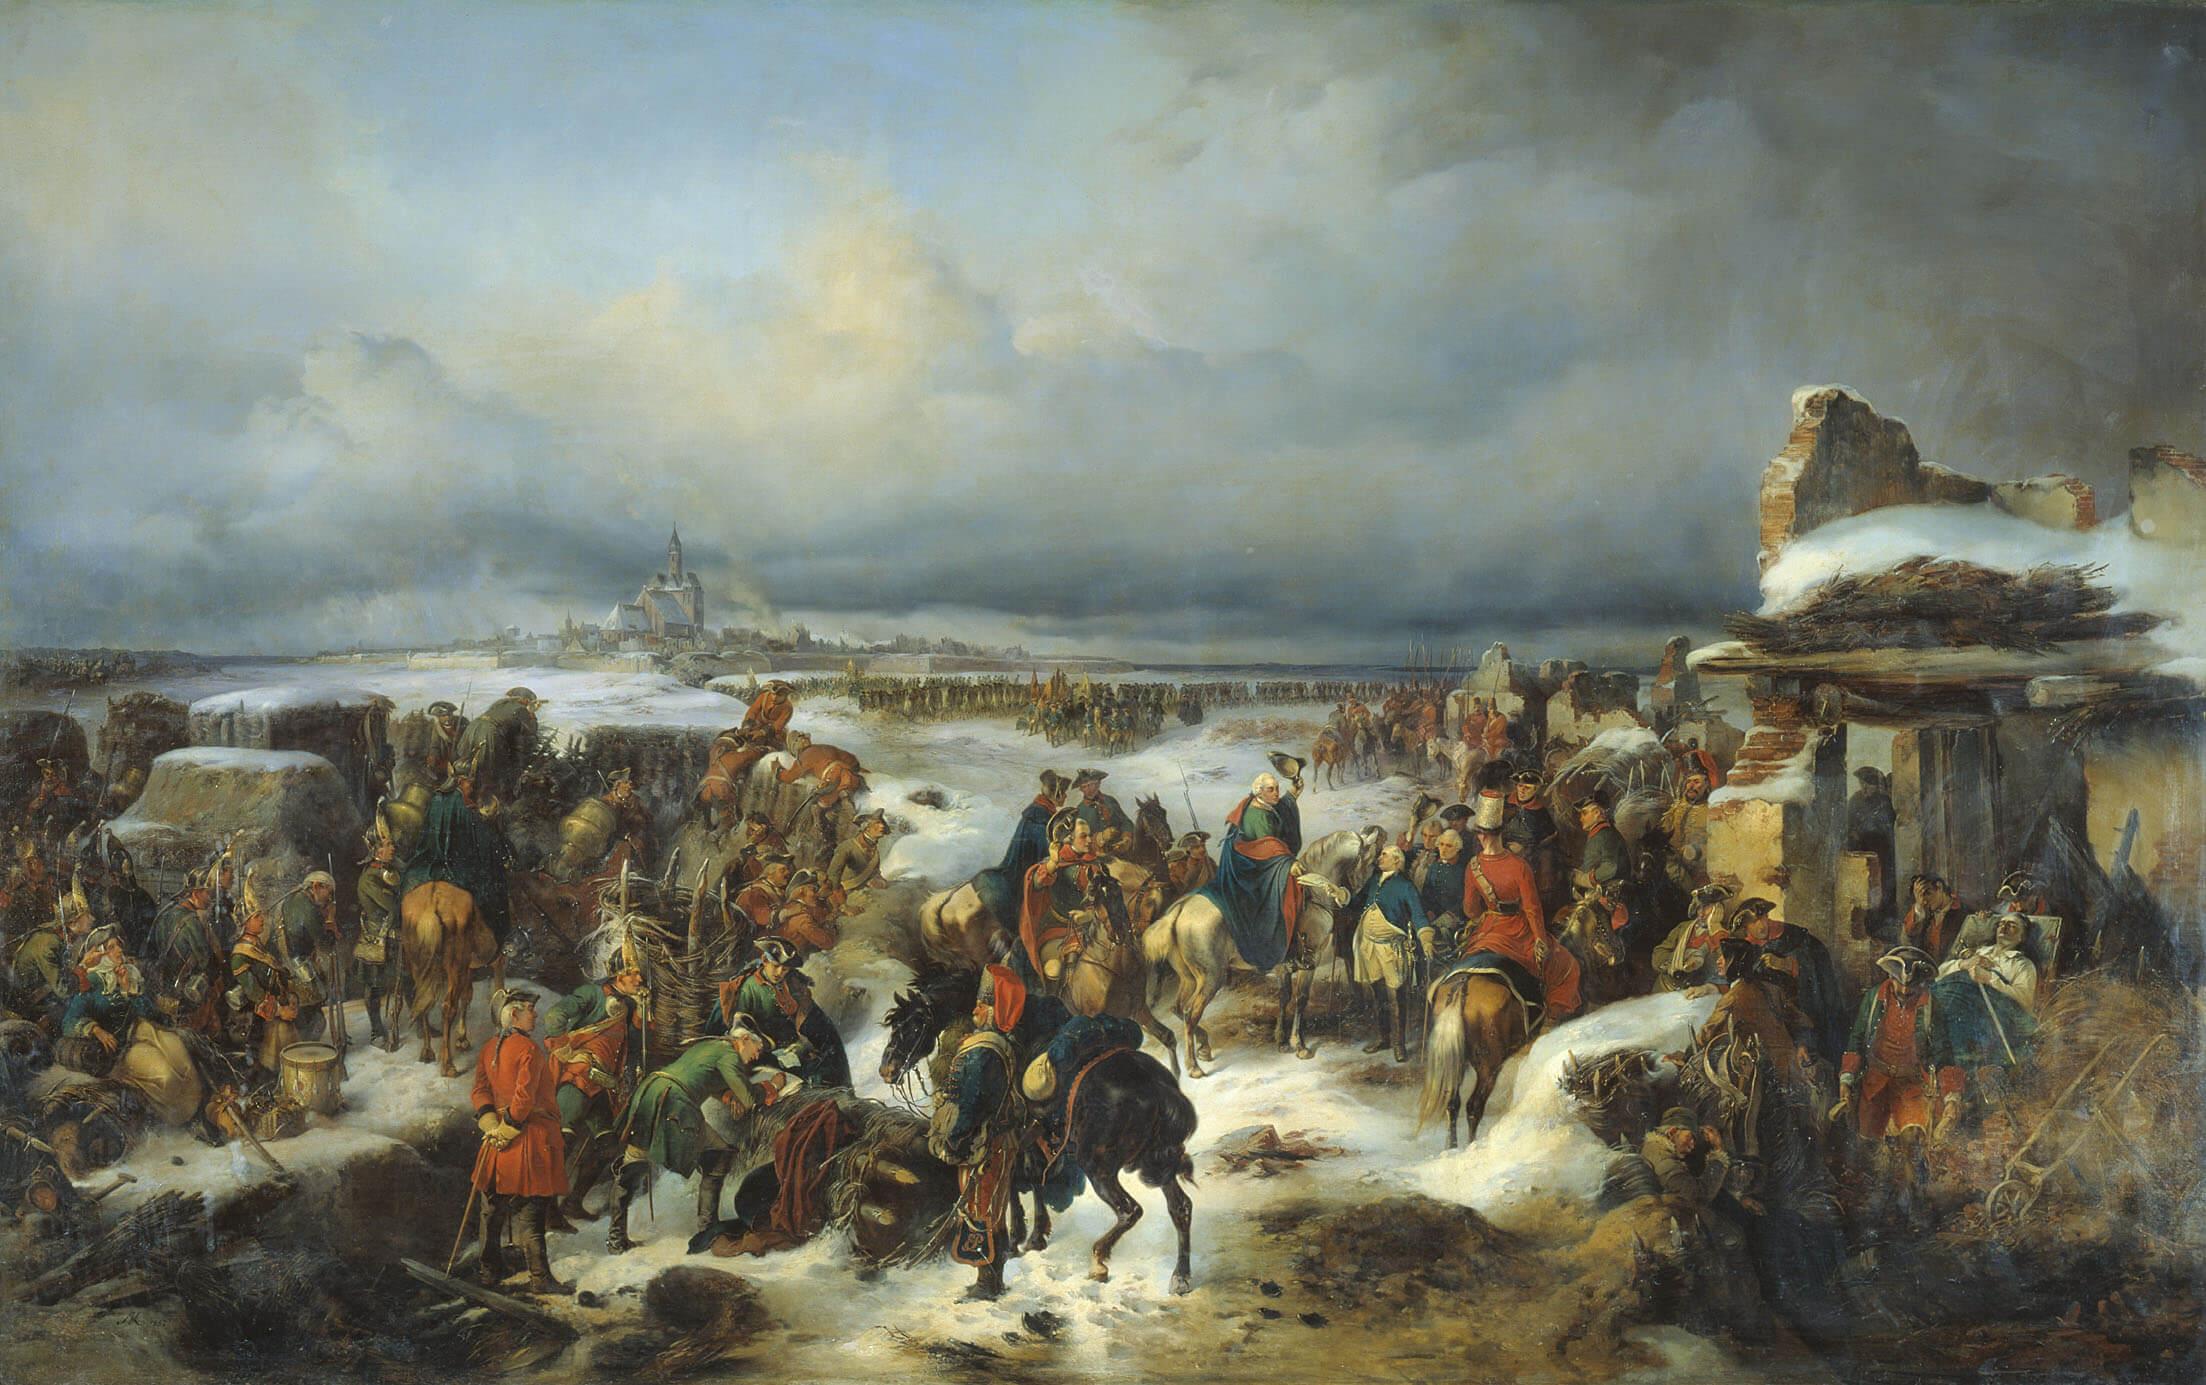 Guerra de los 7 años (1756 - 1763)